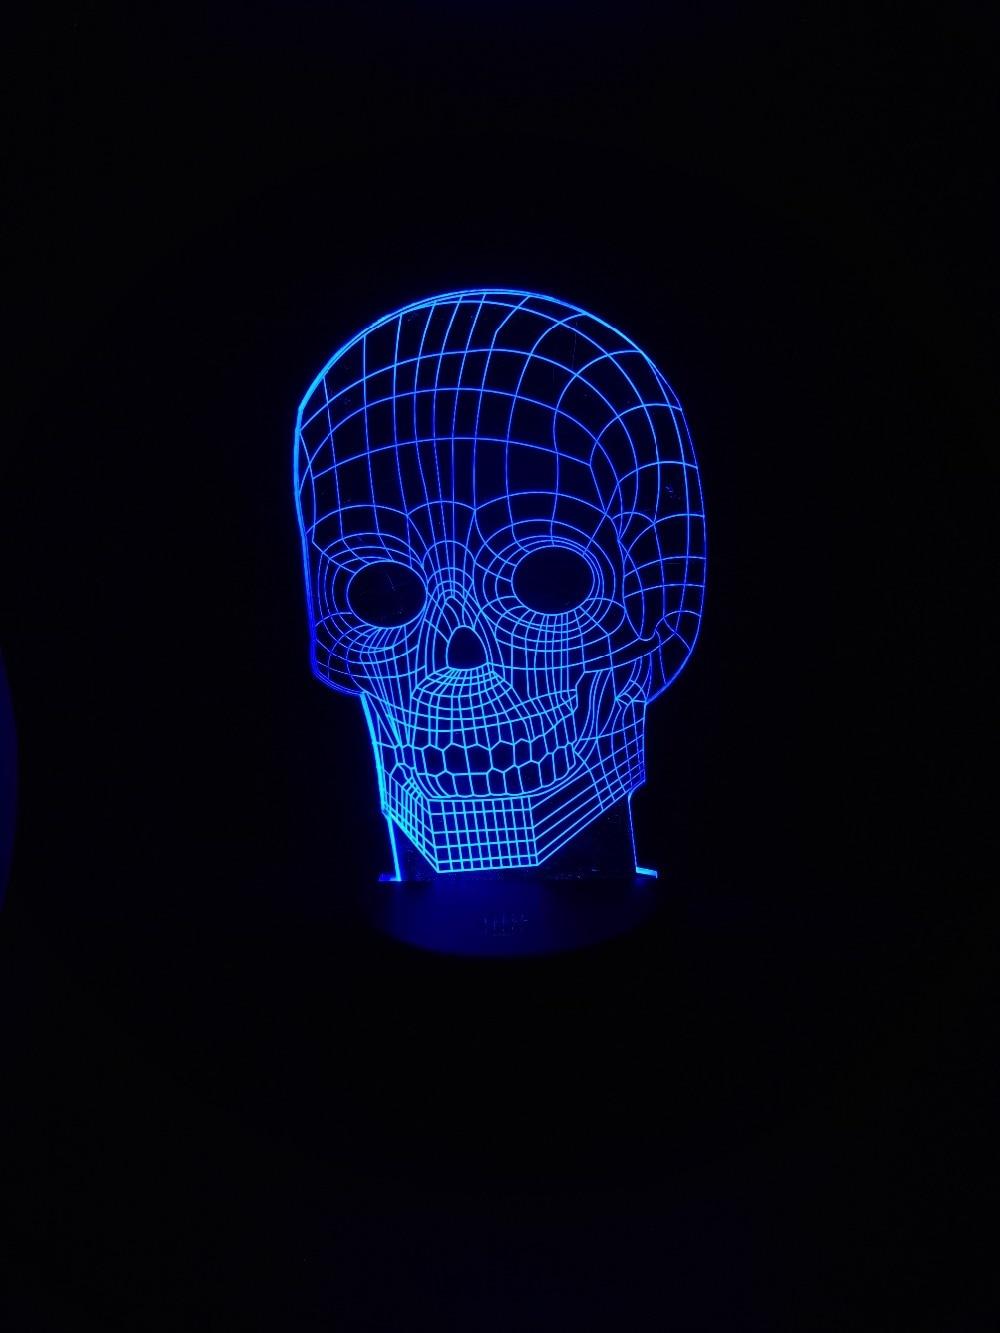 الجملة 3d الجمجمة أضواء الليل جو بقيادة مصباح اللمس الاستشعار هالوين موضوع حزب بارد رجل غرفة المعيشة طاولة مكتب ديكور